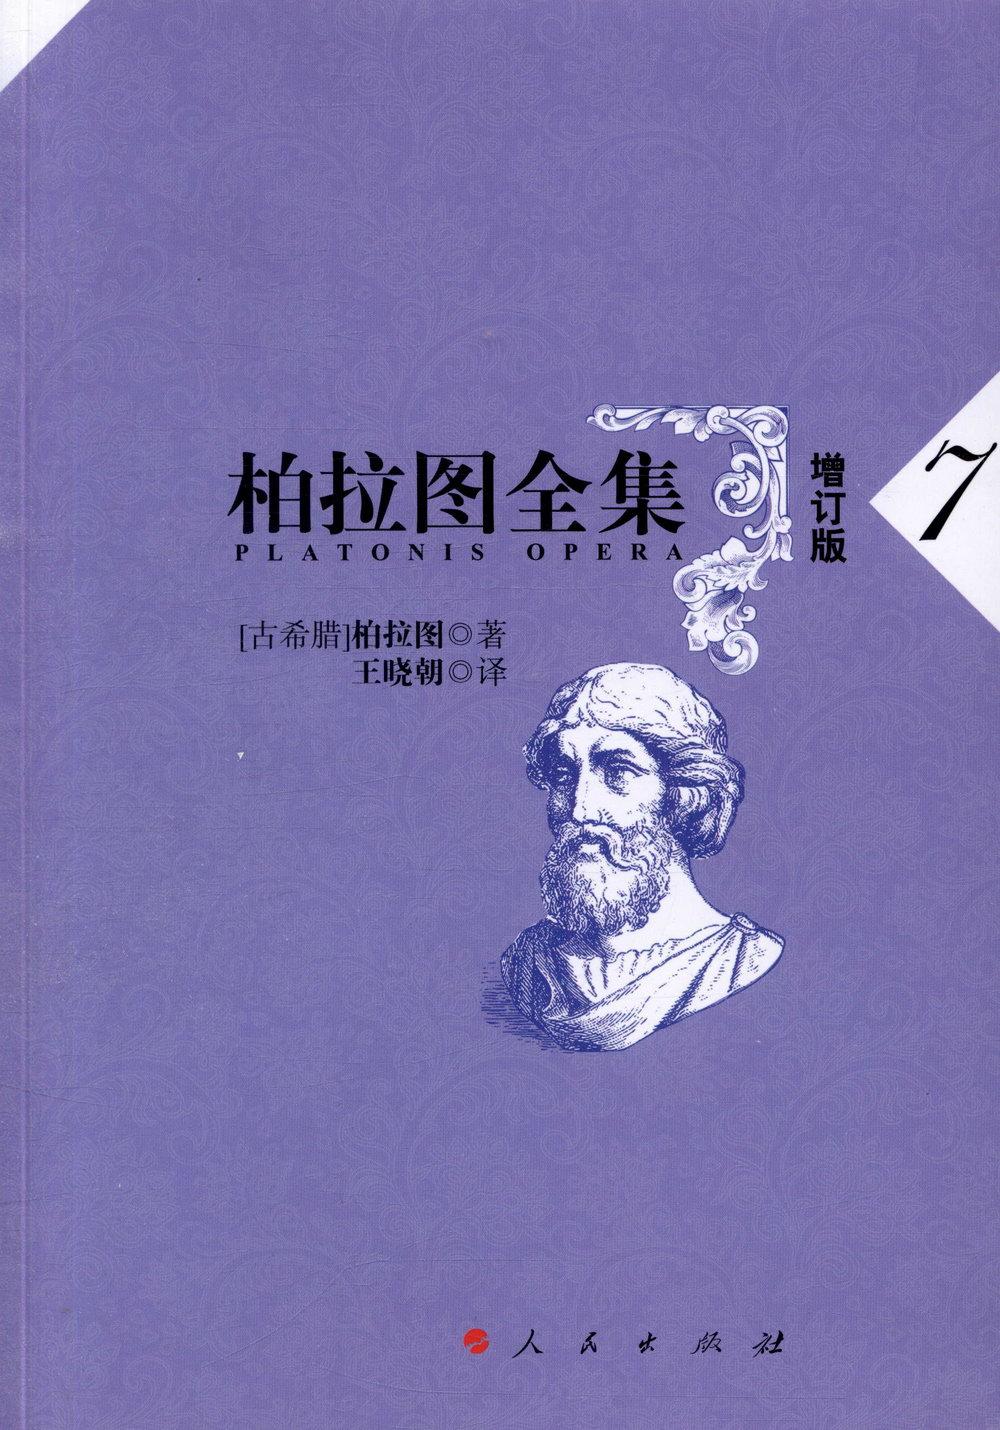 柏拉圖全集(7)(增訂版)